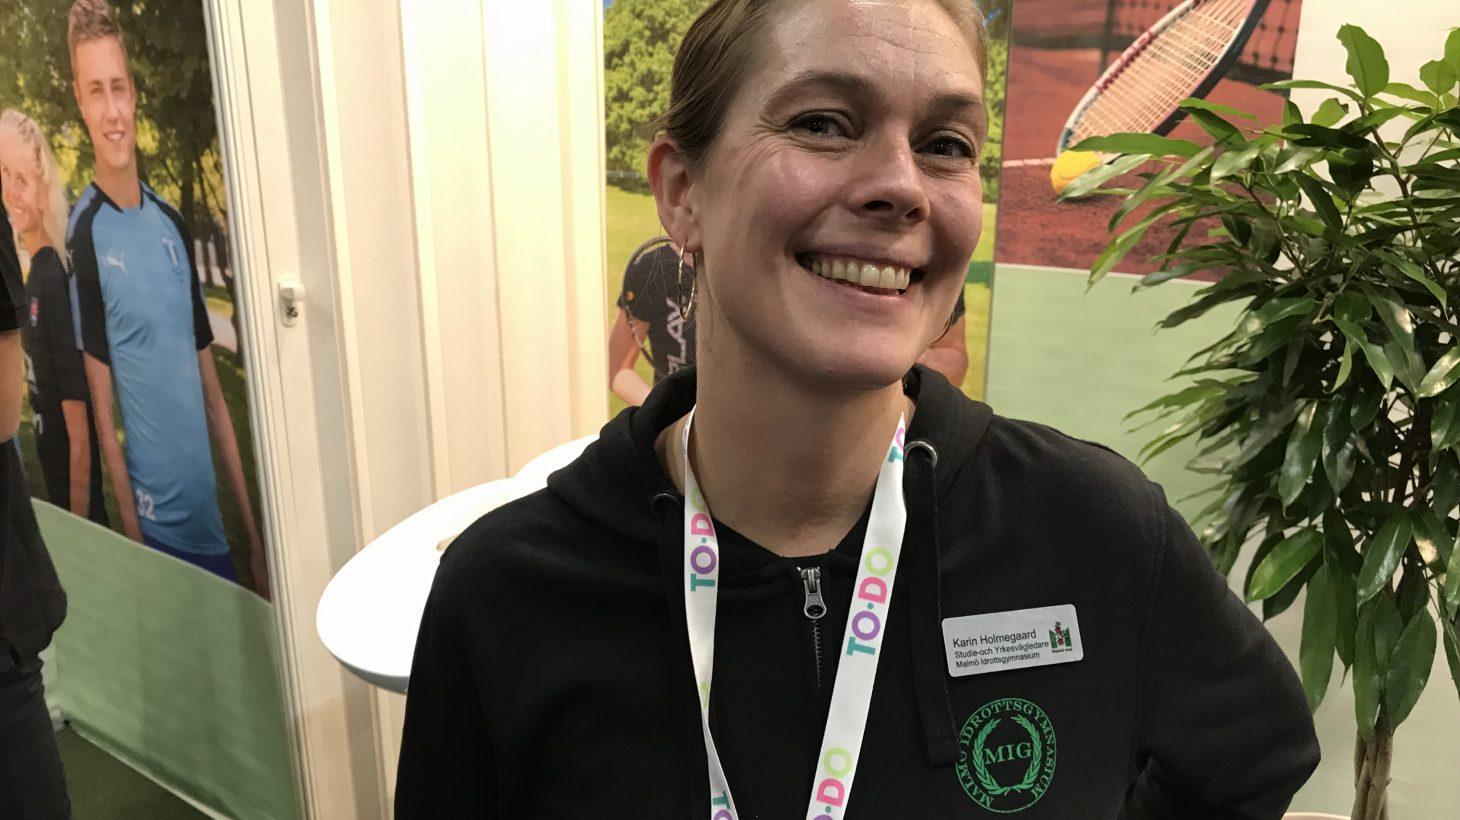 Karin Holmegaard.